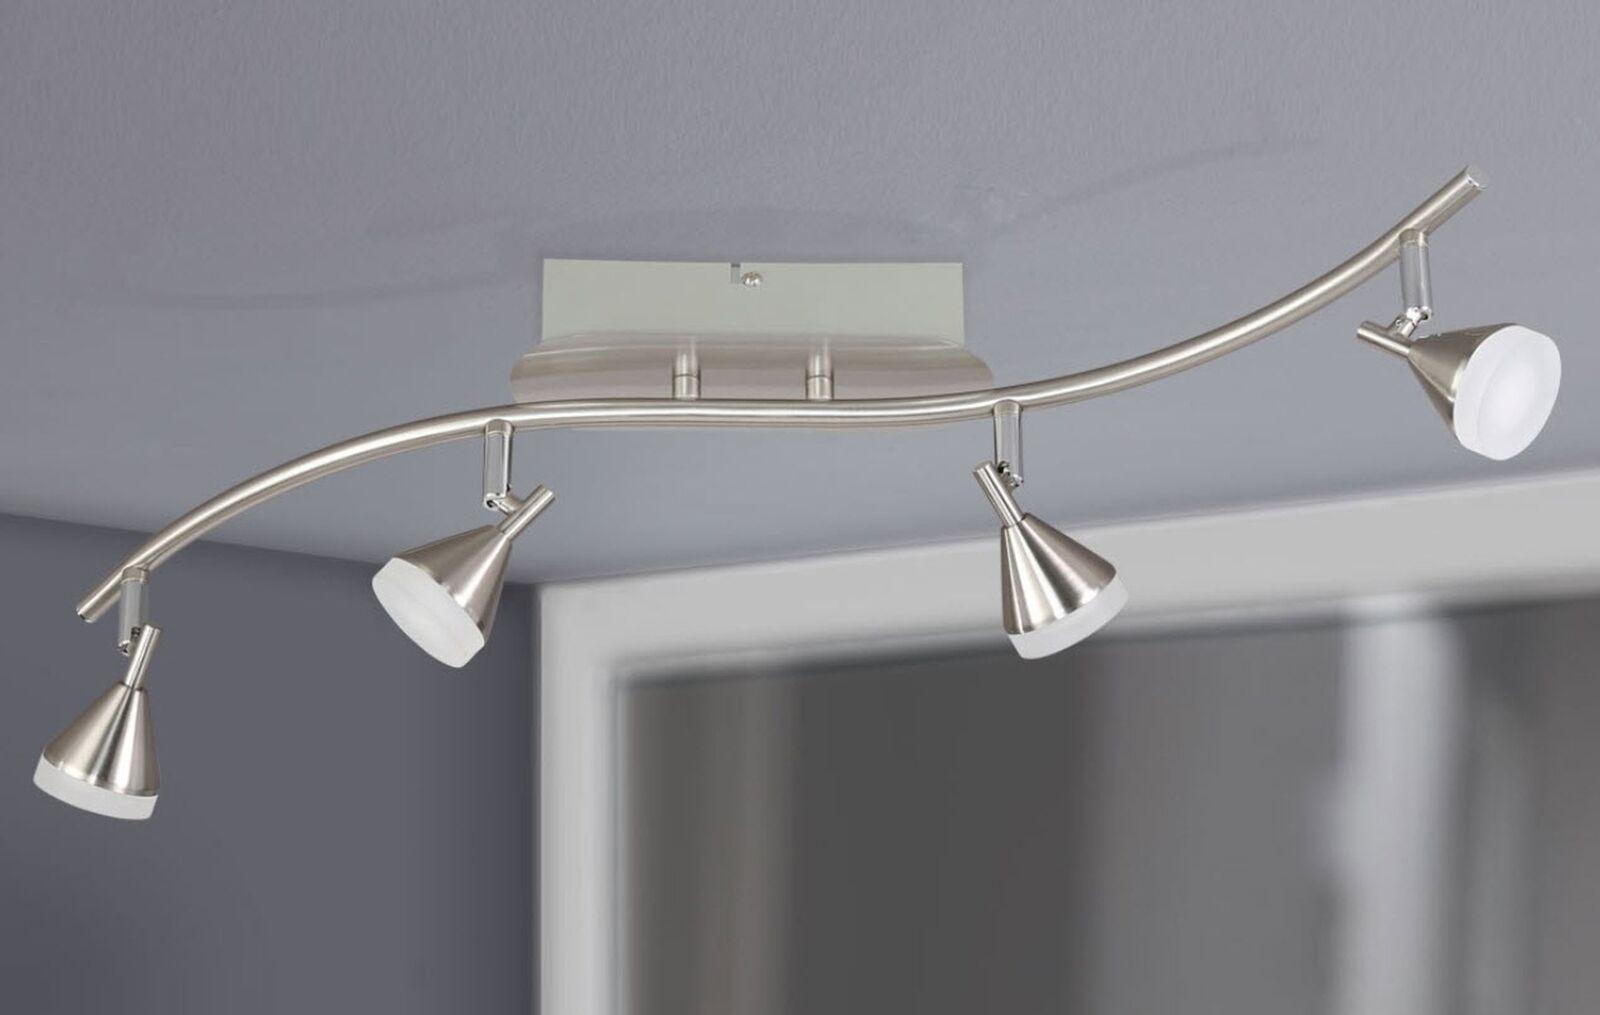 LED Lampada da soffitto soffitto soffitto Plafoniera 4 FLMG. FARETTO Spot Wofi Cameron 9796.04.64.0000 e70d69